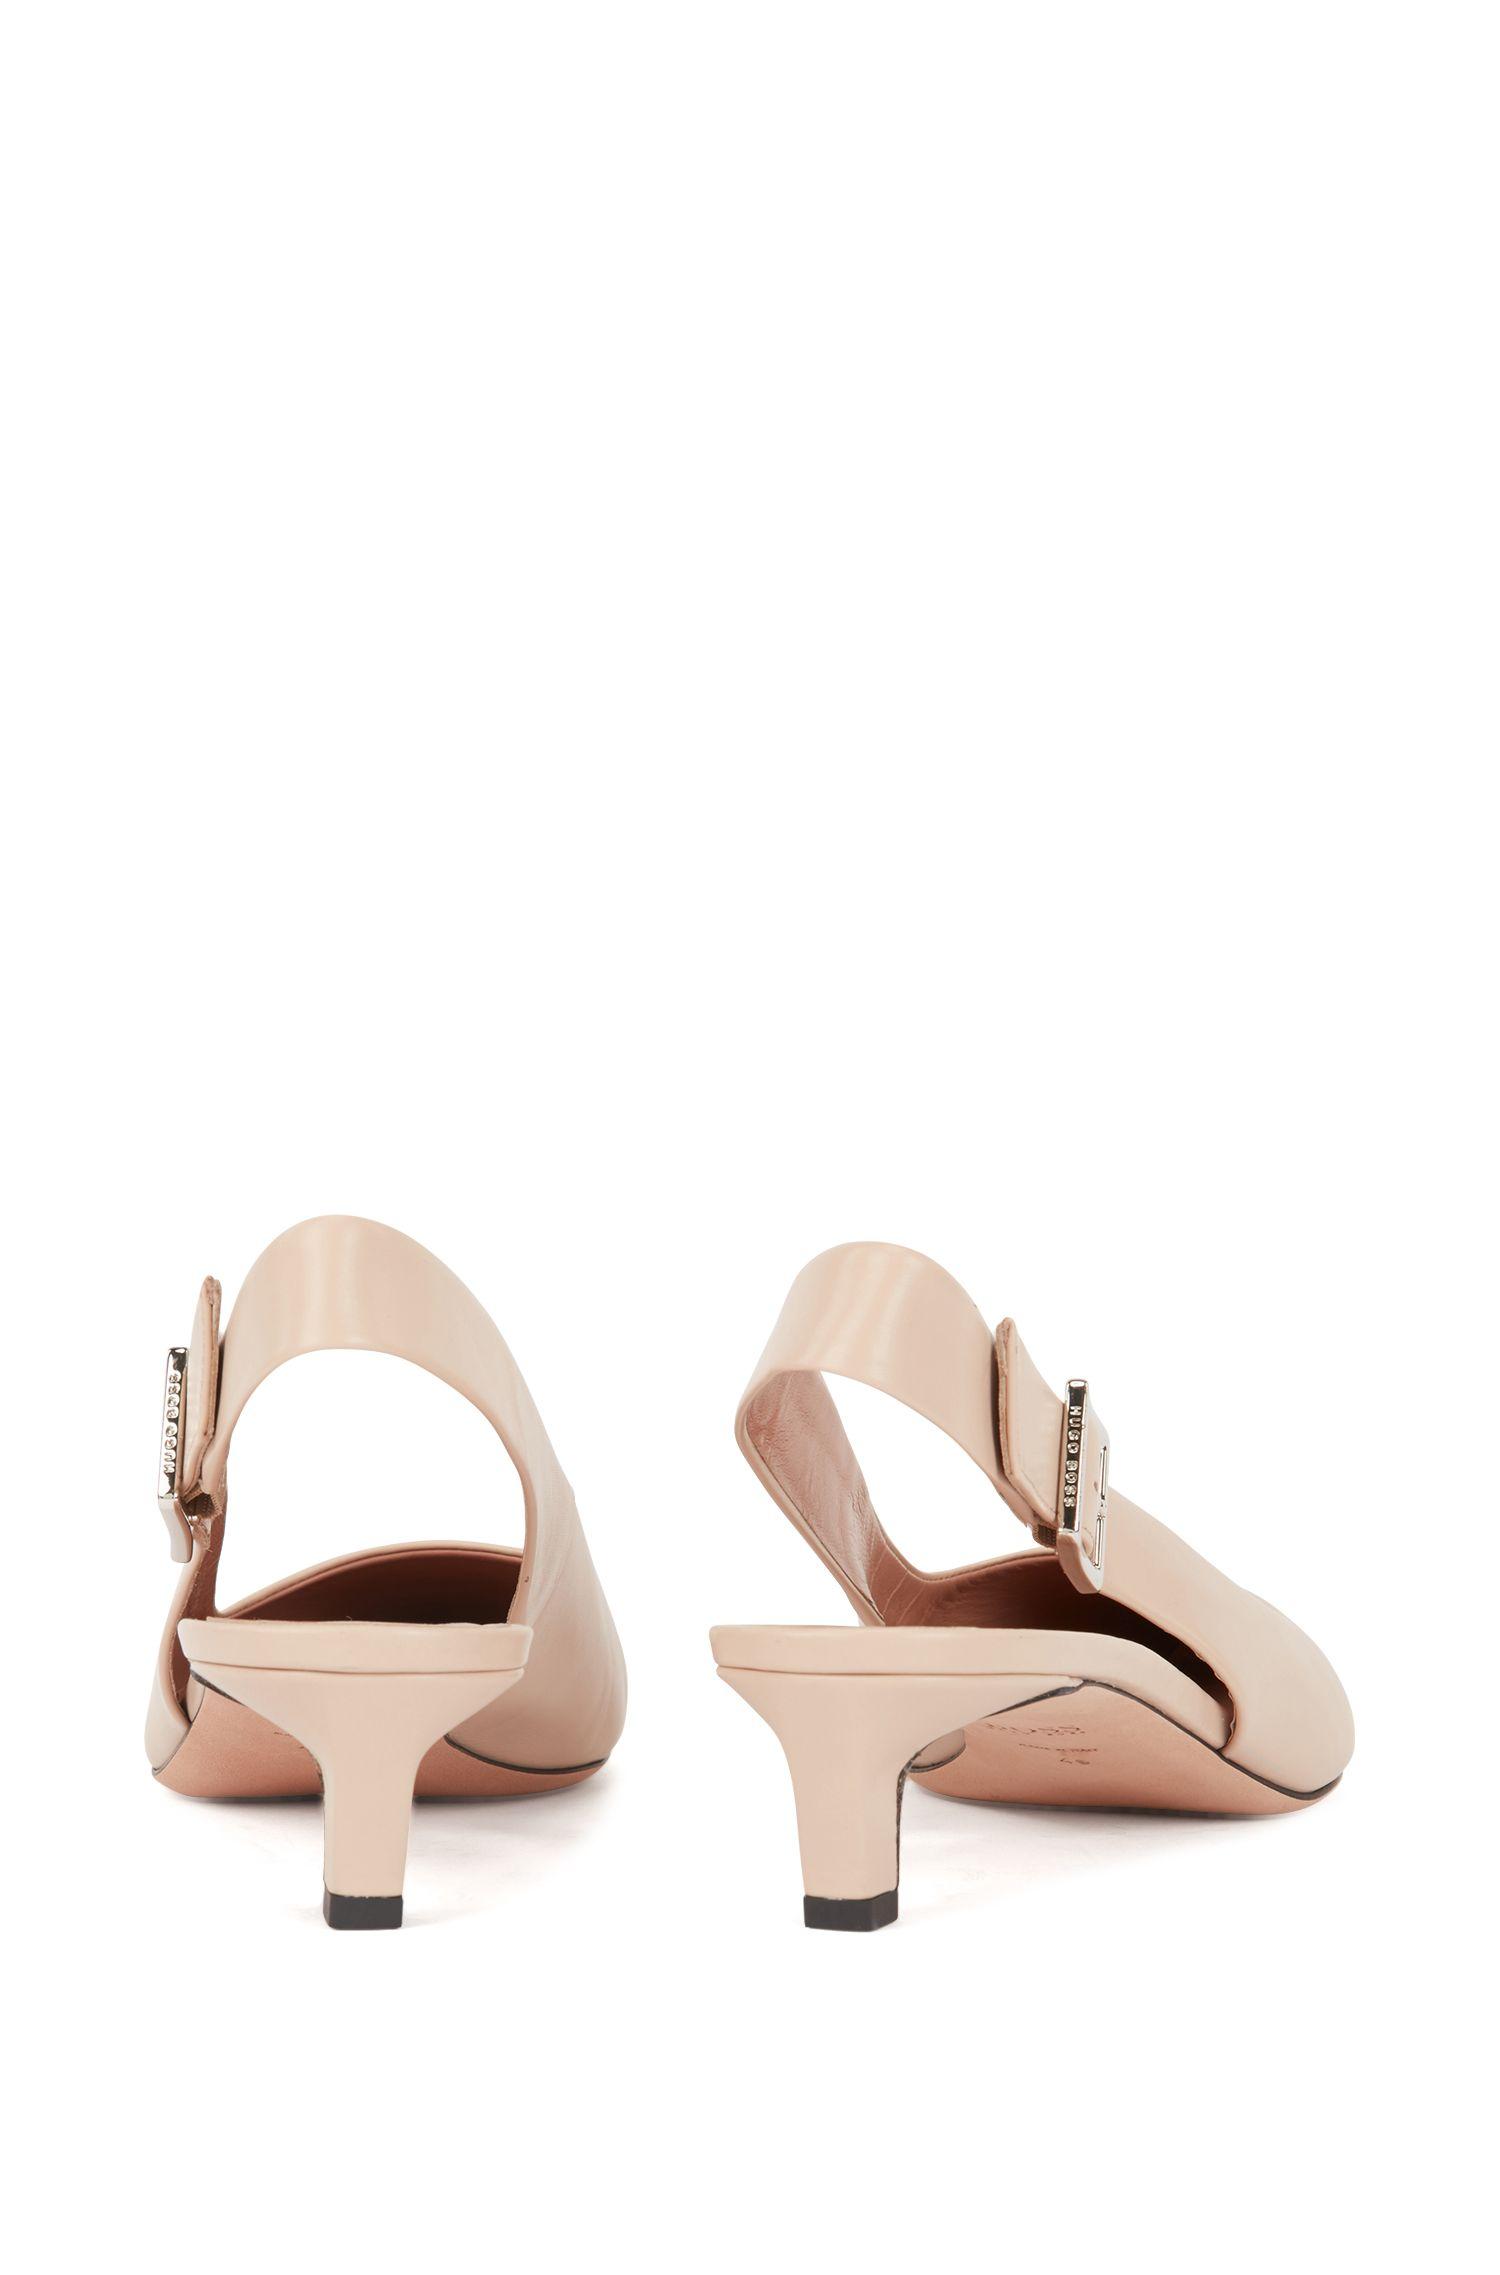 Scarpe aperte sul tallone a punta in pelle di vitello prodotta in Italia, Beige chiaro